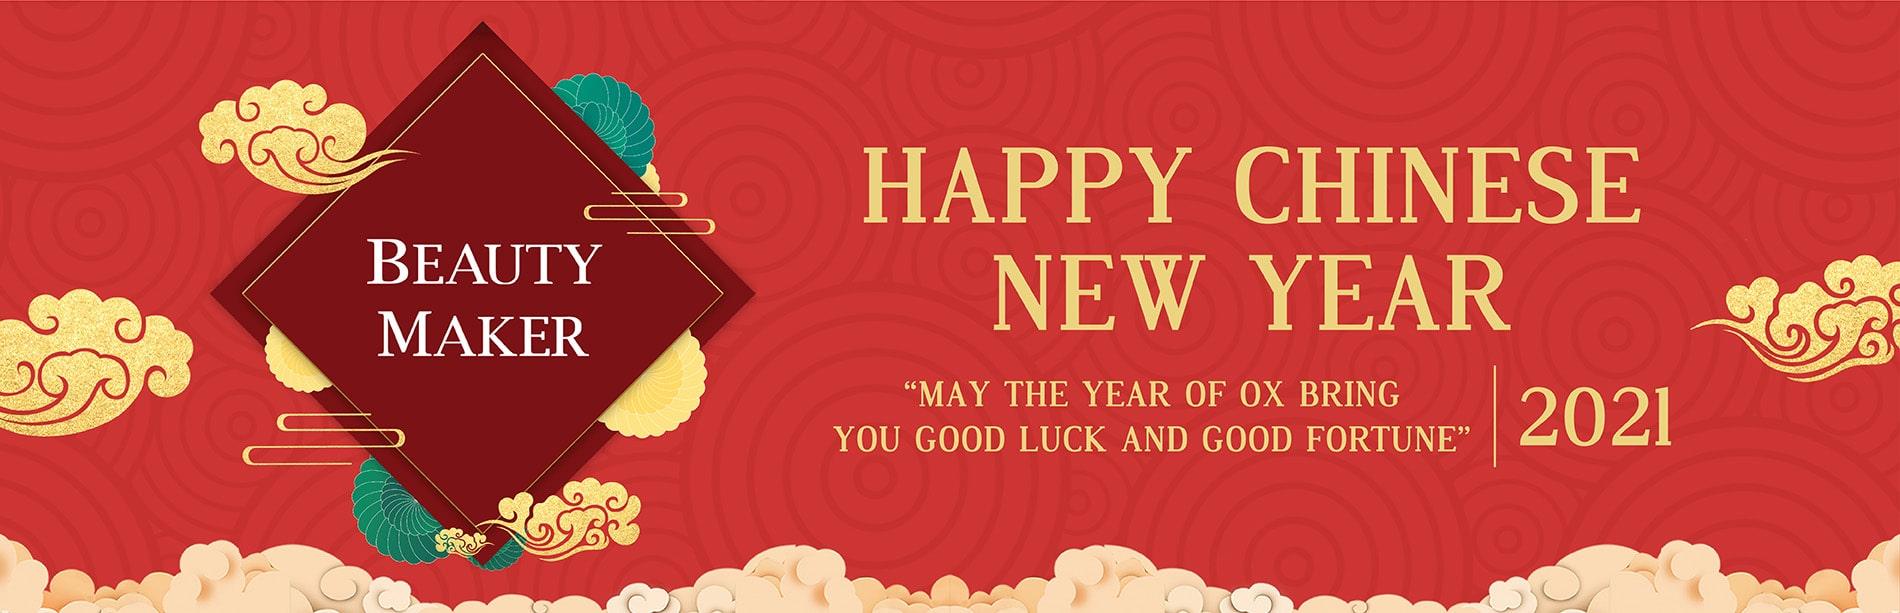 CNY 2021 Greetings-BM main-01-min